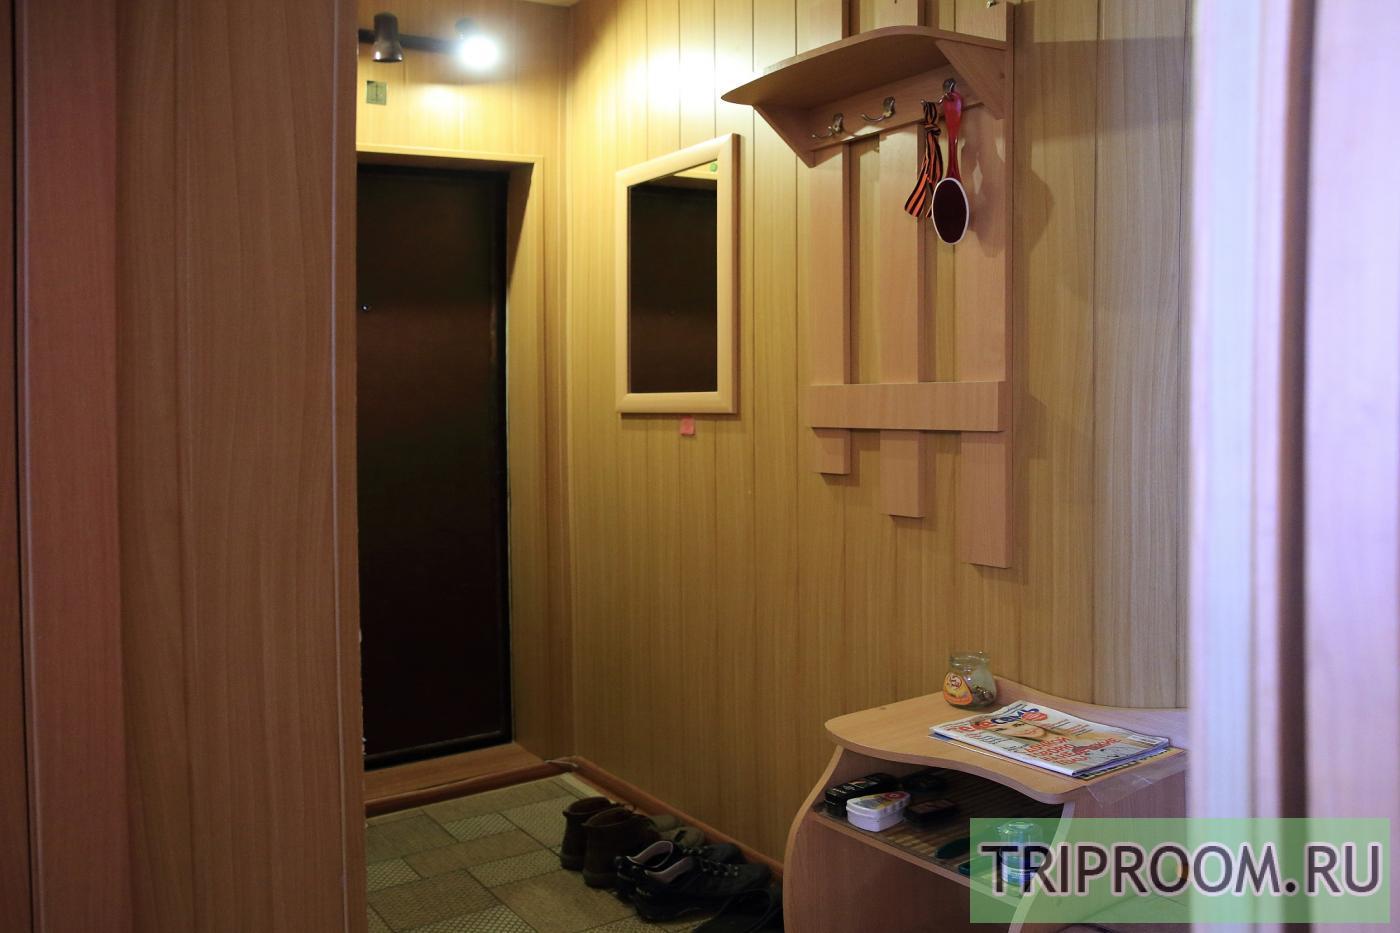 1-комнатная квартира посуточно (вариант № 17614), ул. Авиационный переулок, фото № 8